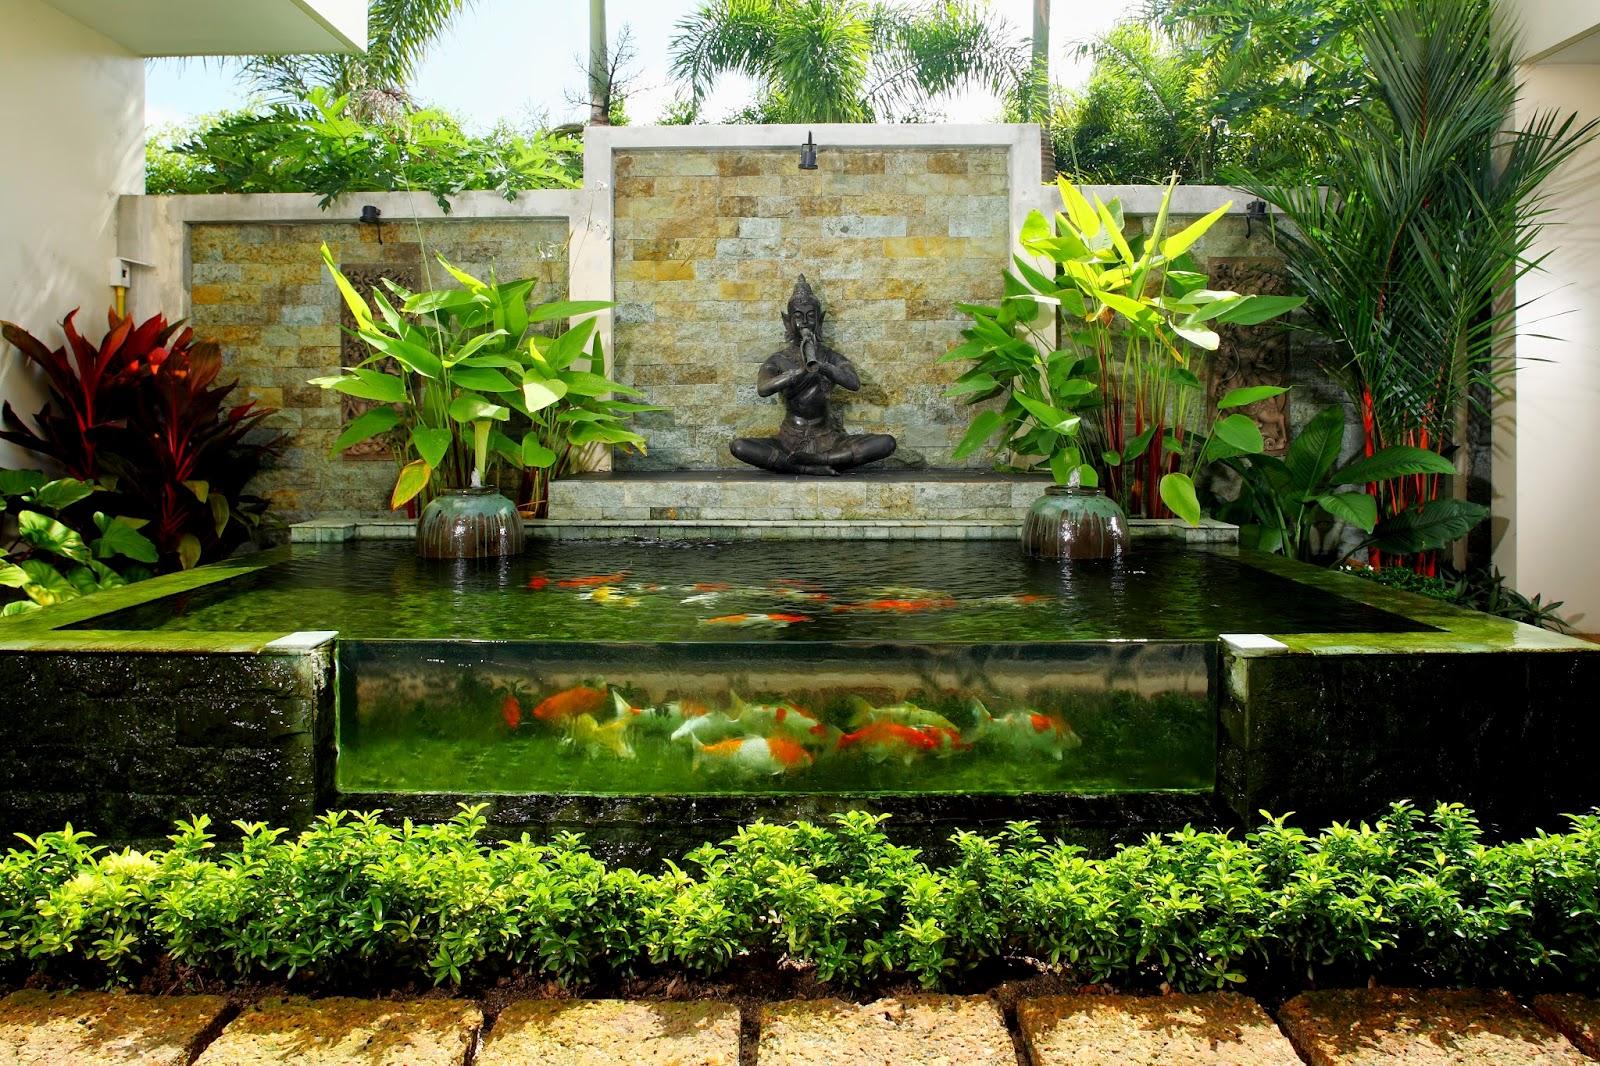 Jual ikan hias koi di bali tips cara merawat kolam ikan koi for Koi pool villa